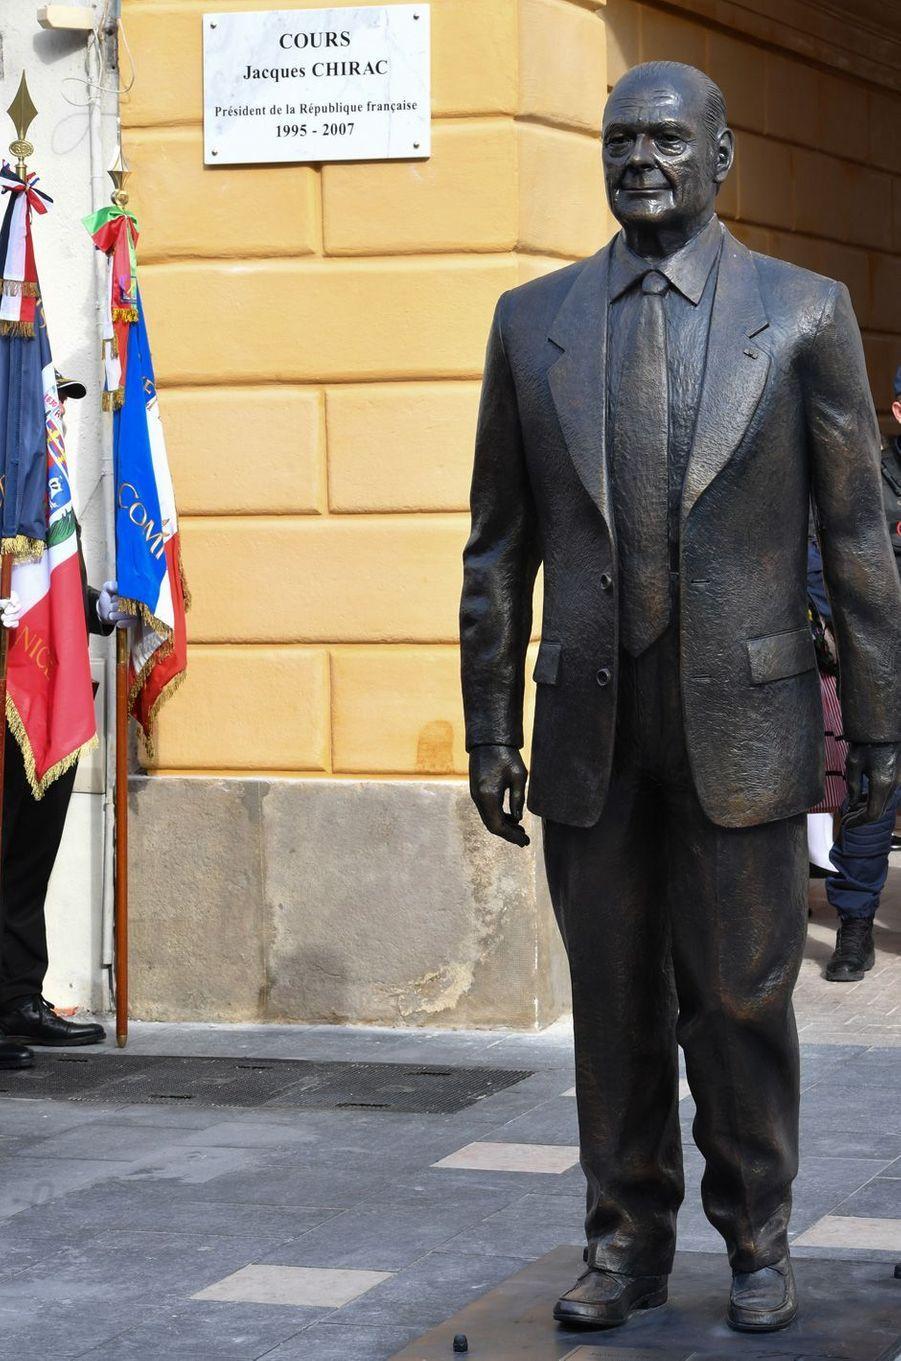 La statue de Jacques Chirac a été réalisée par l'artiste niçois Patrick Frega.